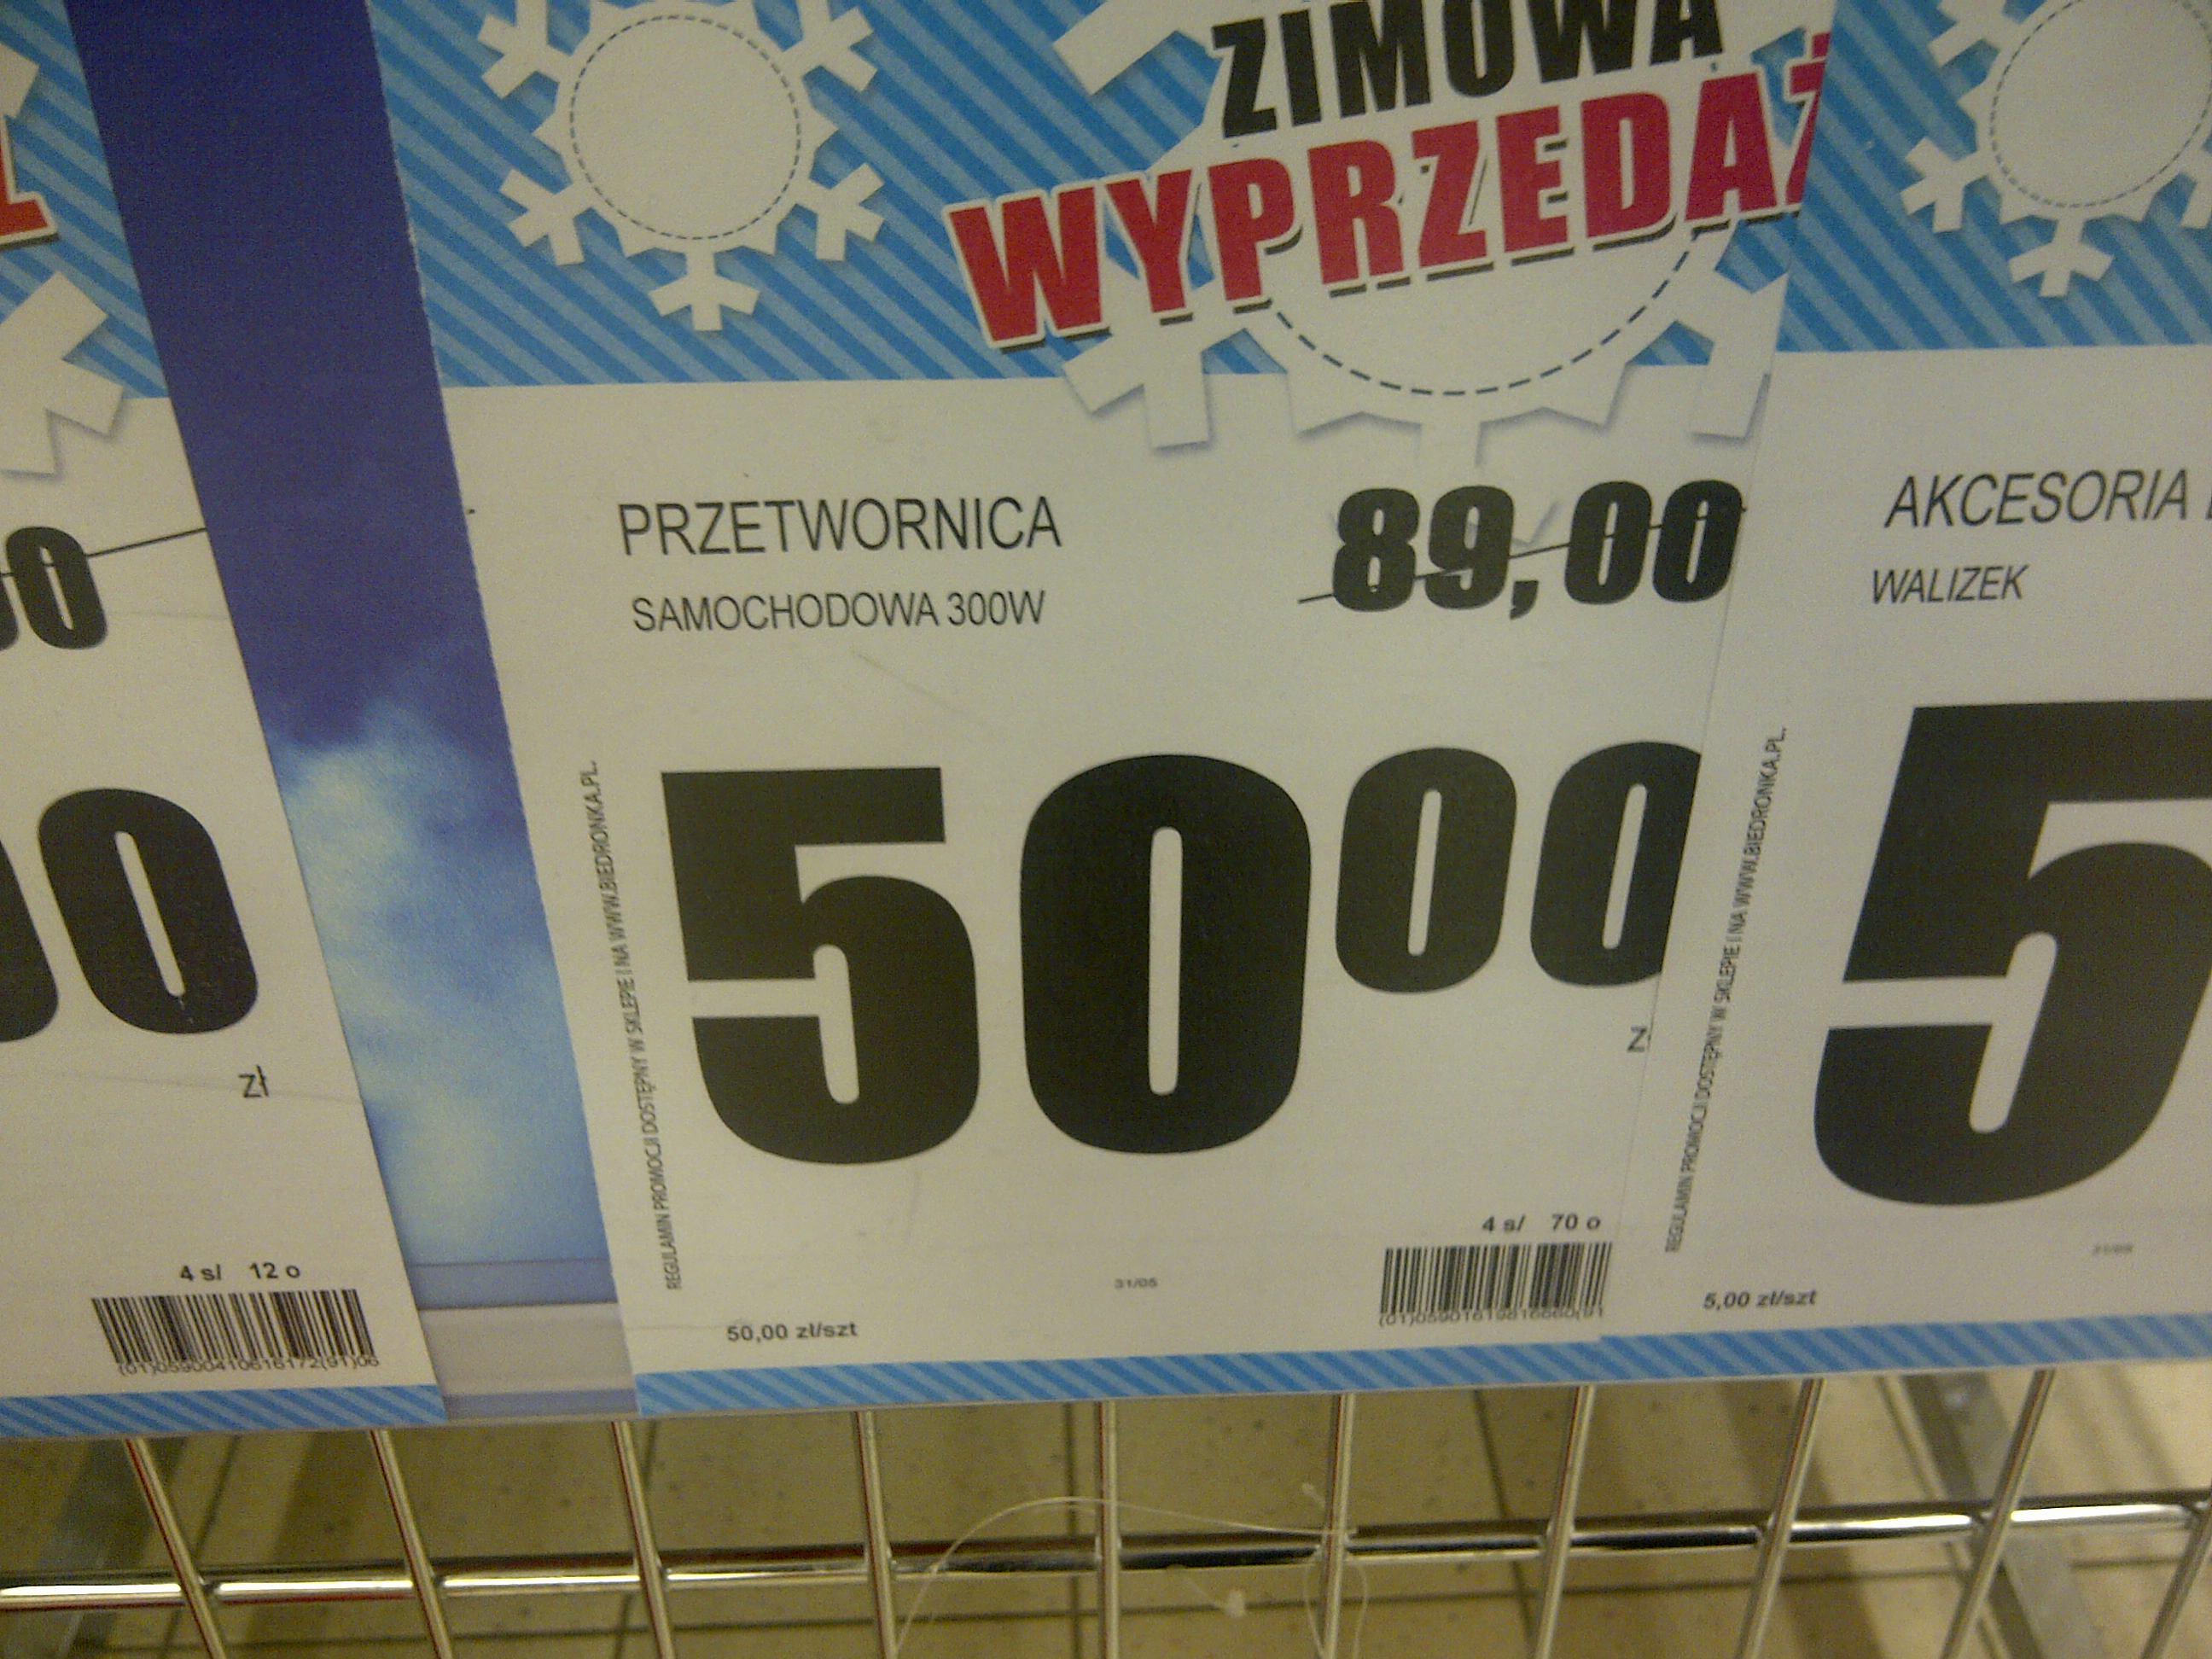 Przetwornica samochodowa 300W za 50 zł @ biedronka